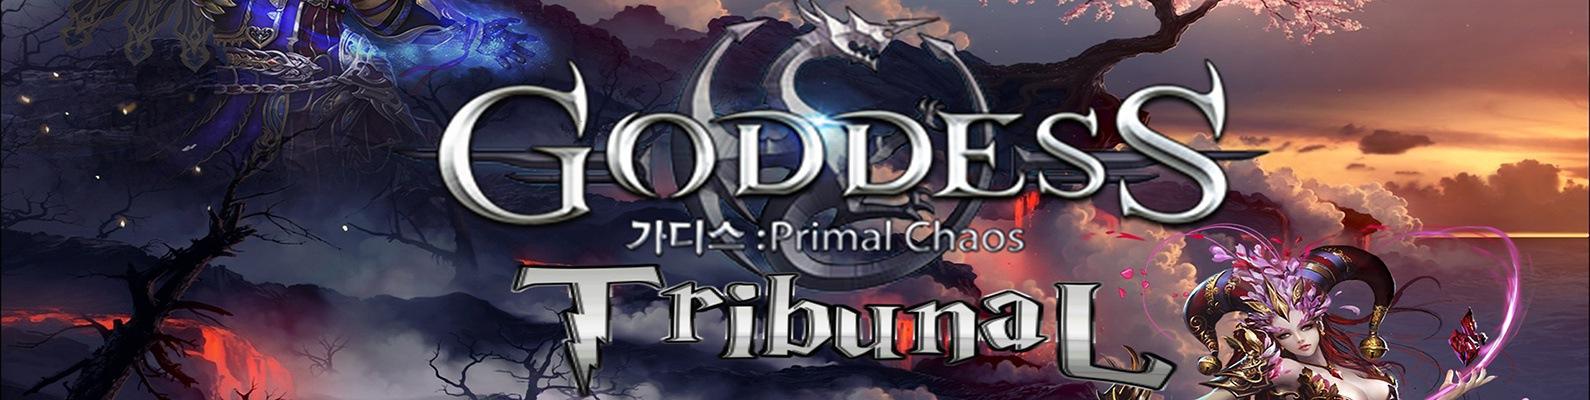 Goddess primal chaos